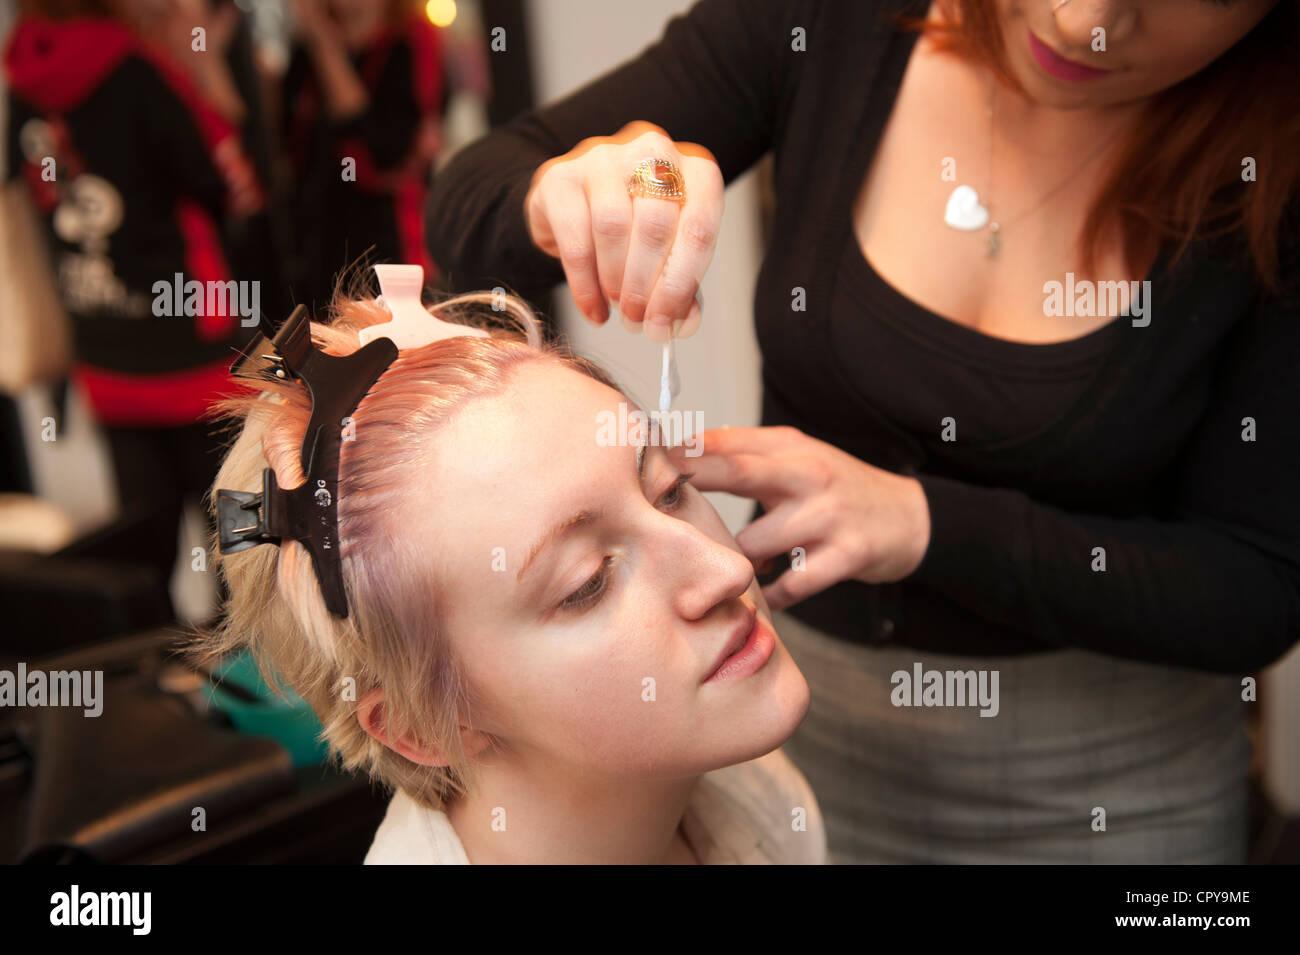 Eine junge Frau mit einem Haare und Make up Schönheit Umarbeitung in einem Salon, Bleichen ihre Augenbrauen, UK Stockfoto